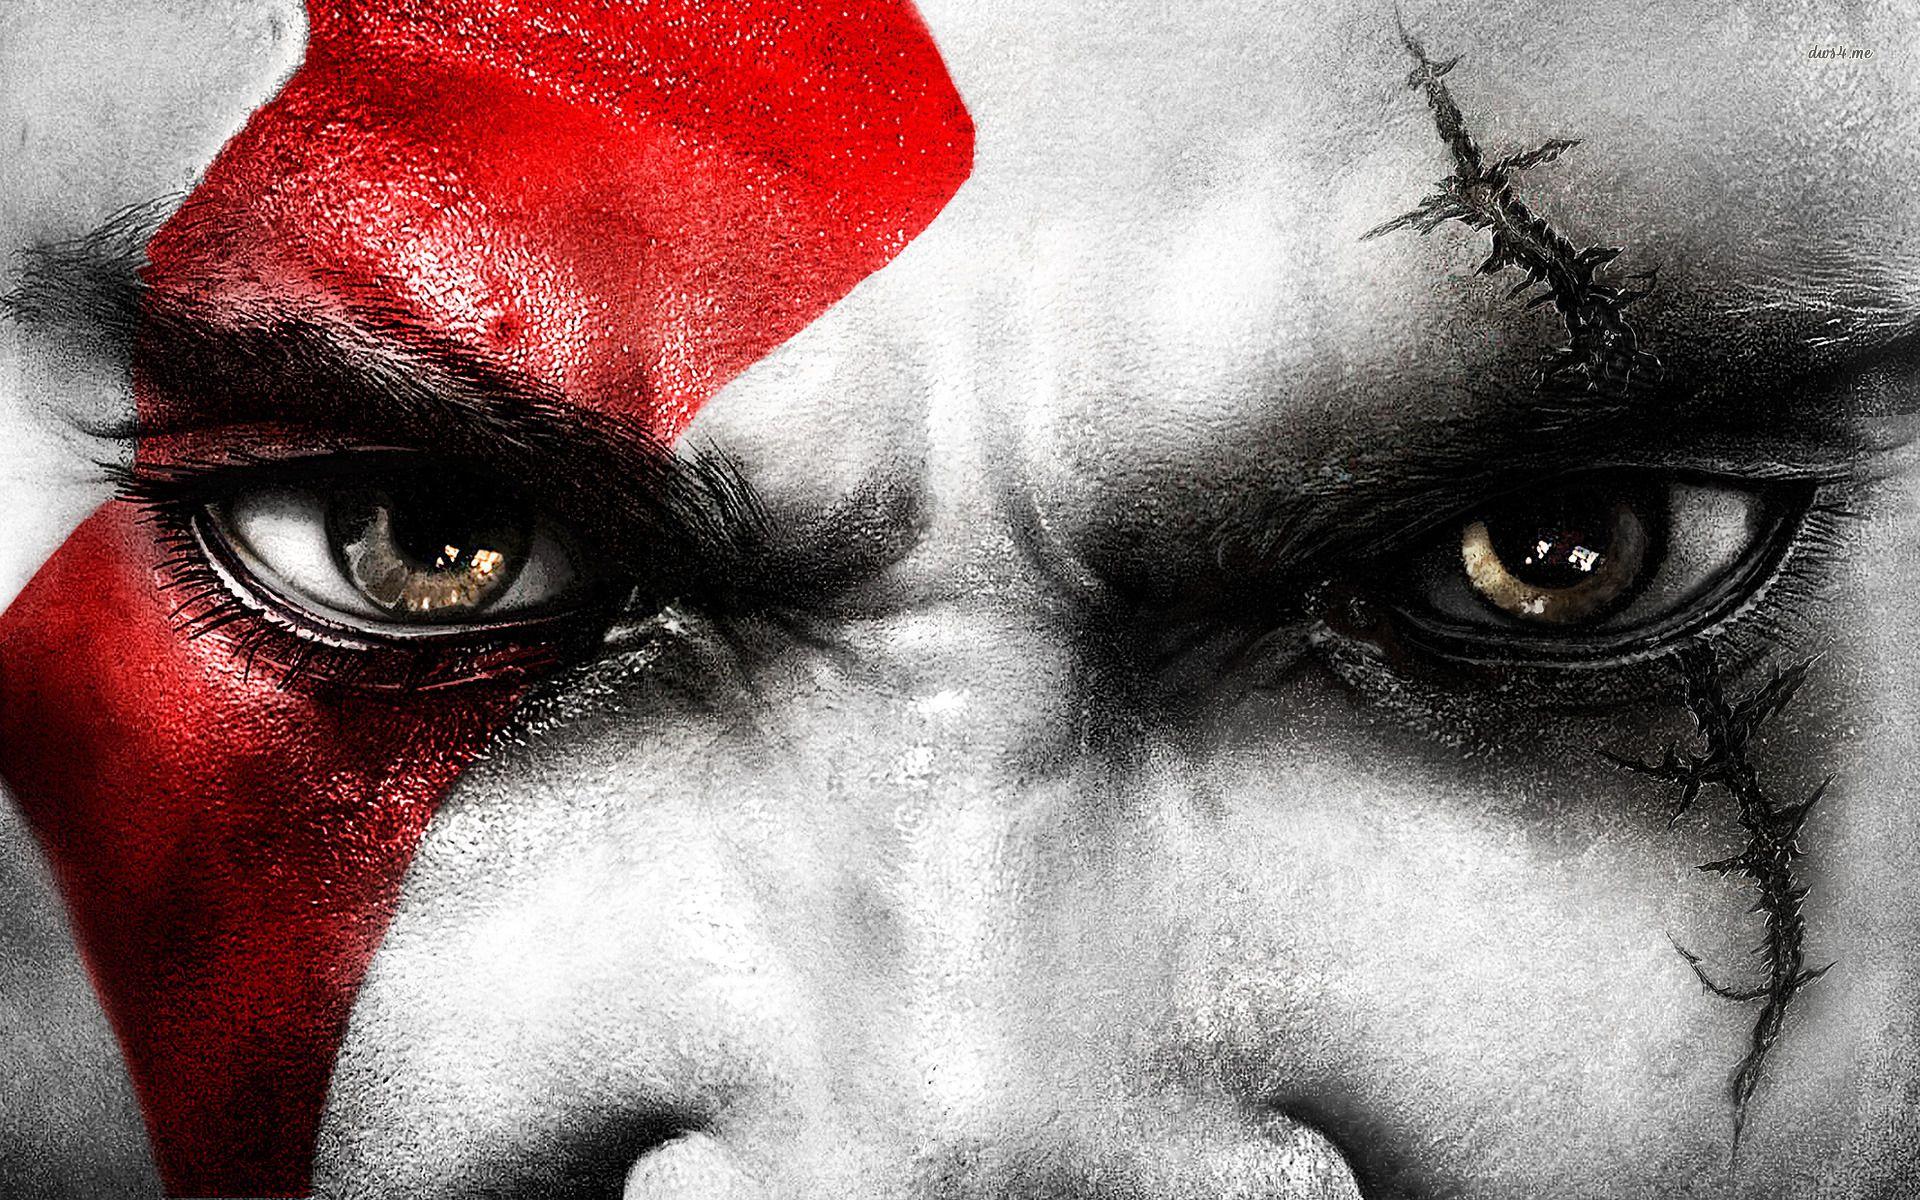 Kratos God Of War 3 Hd Wallpaper Kratos God Of War God Of War War Tattoo